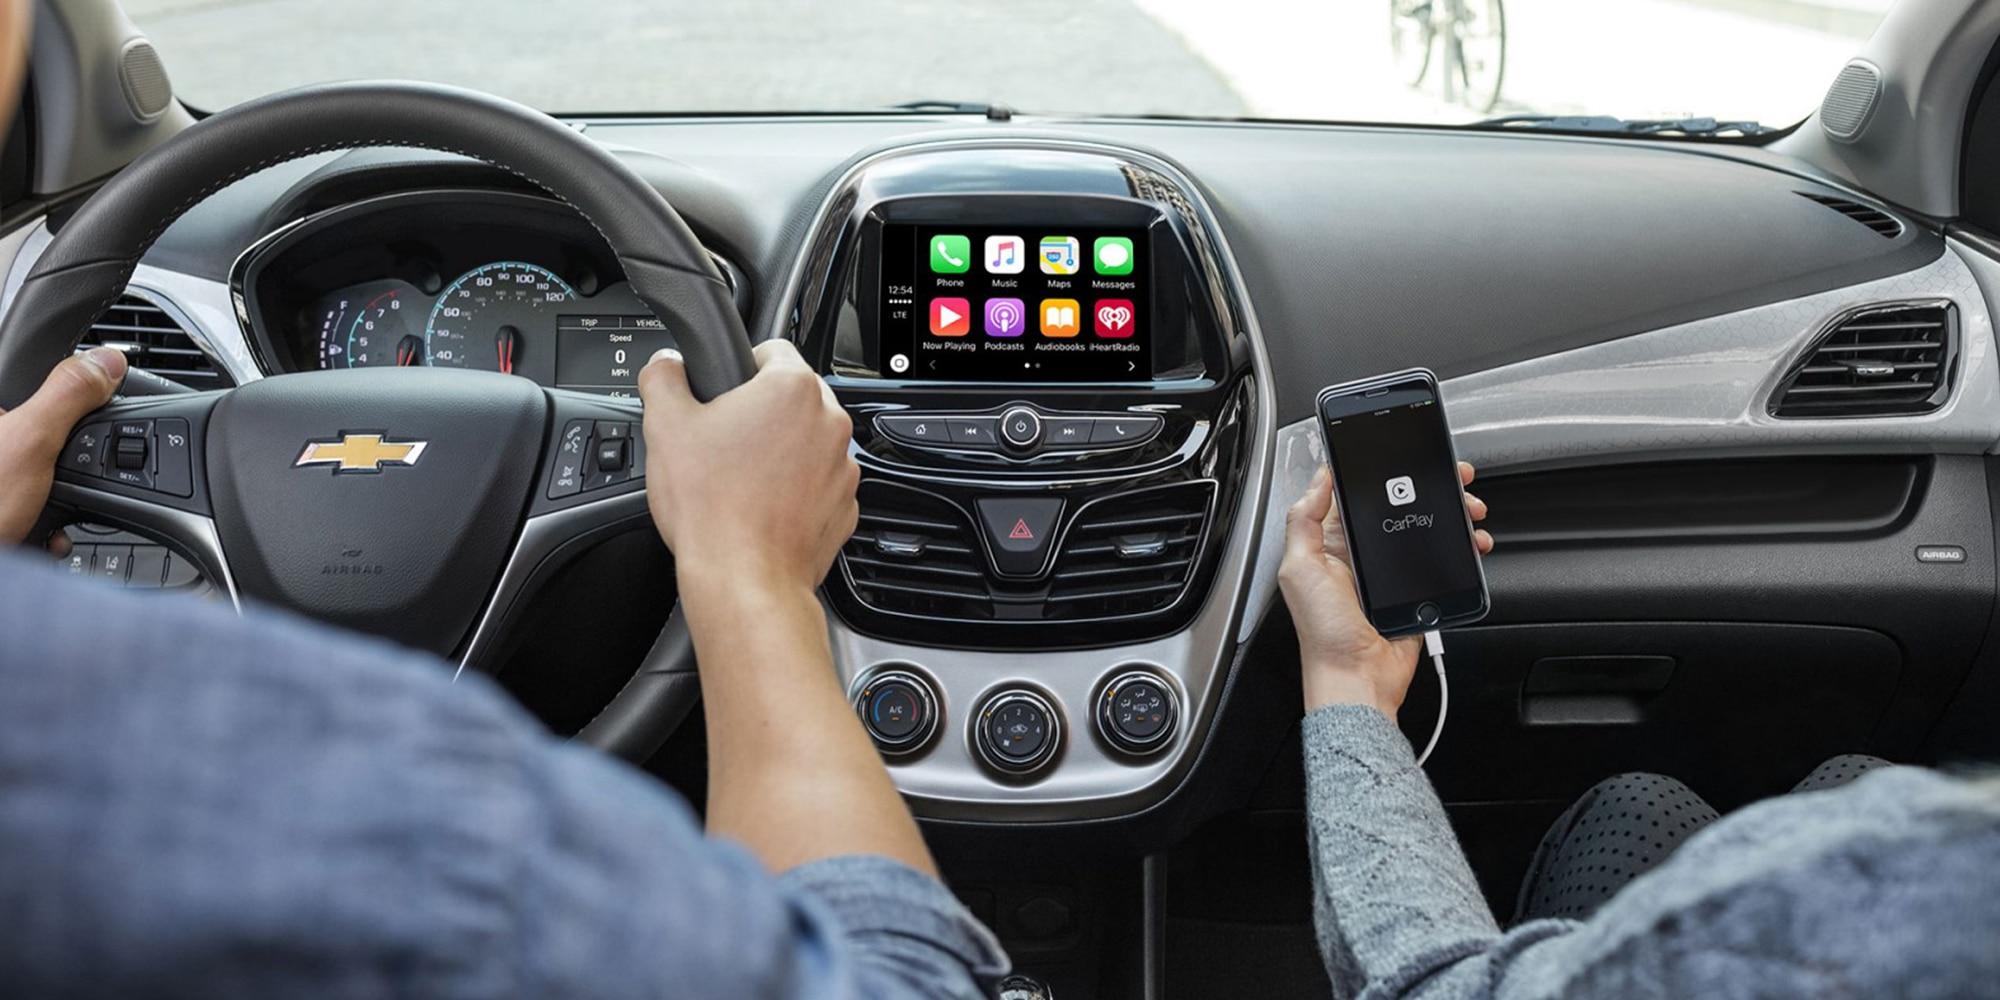 Tecnología del auto urbano Chevrolet Spark 2018: Apple CarPlay